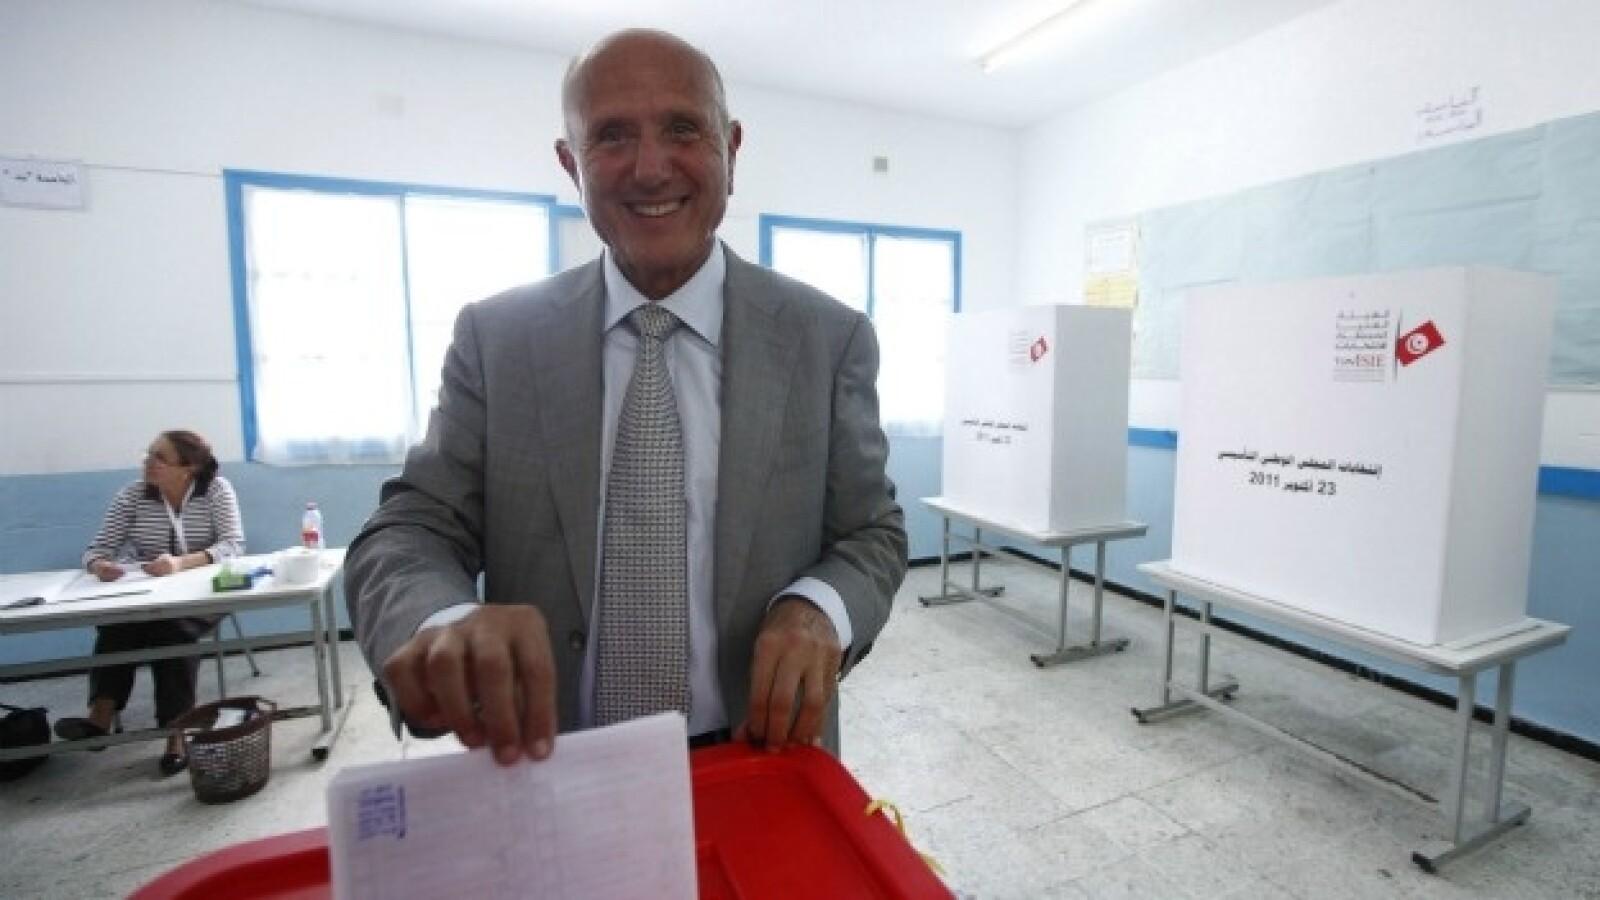 chebbi emite su voto